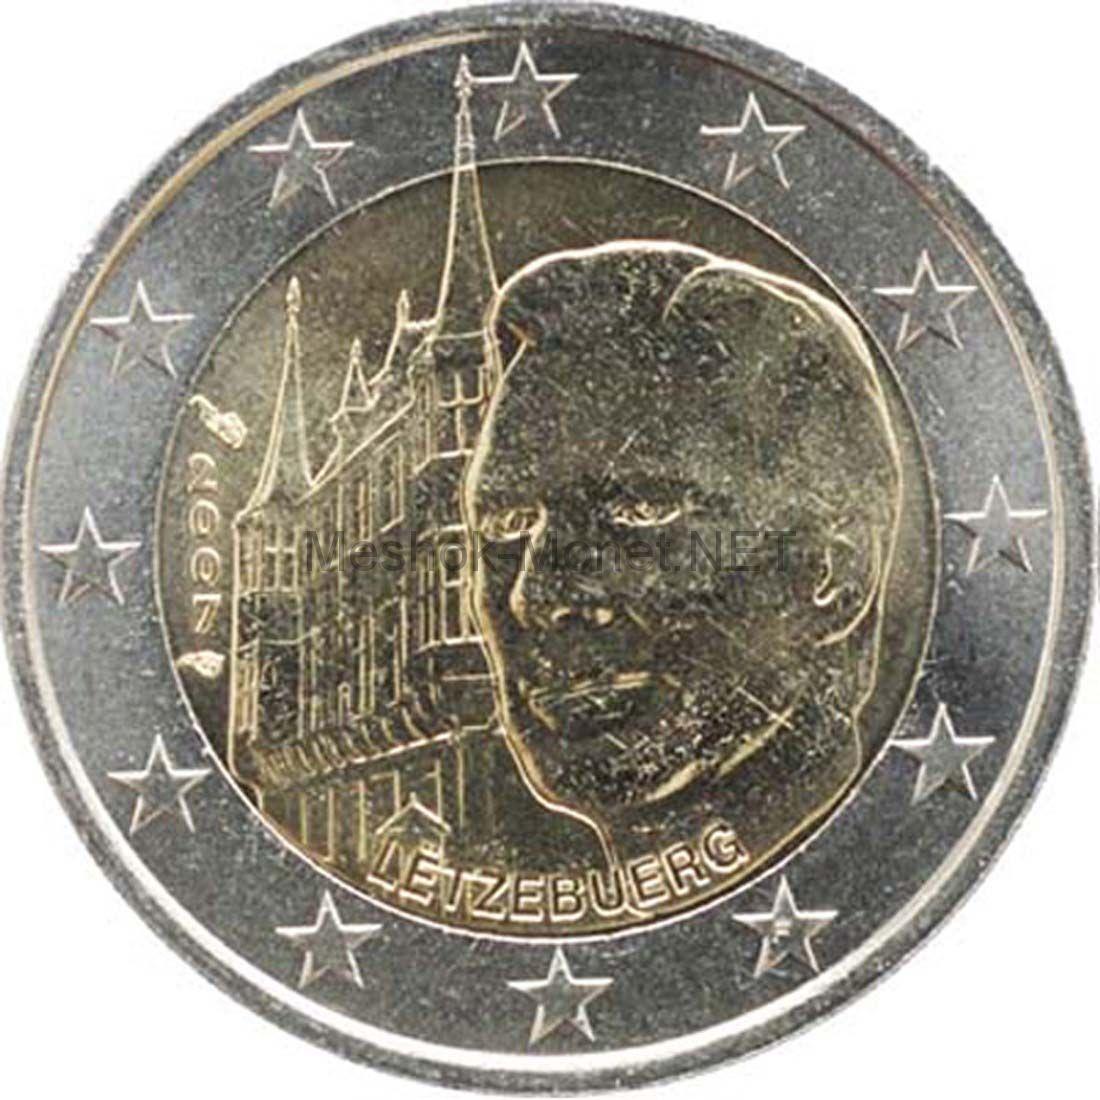 Люксембург 2 евро 2007 Дворец Великих герцогов